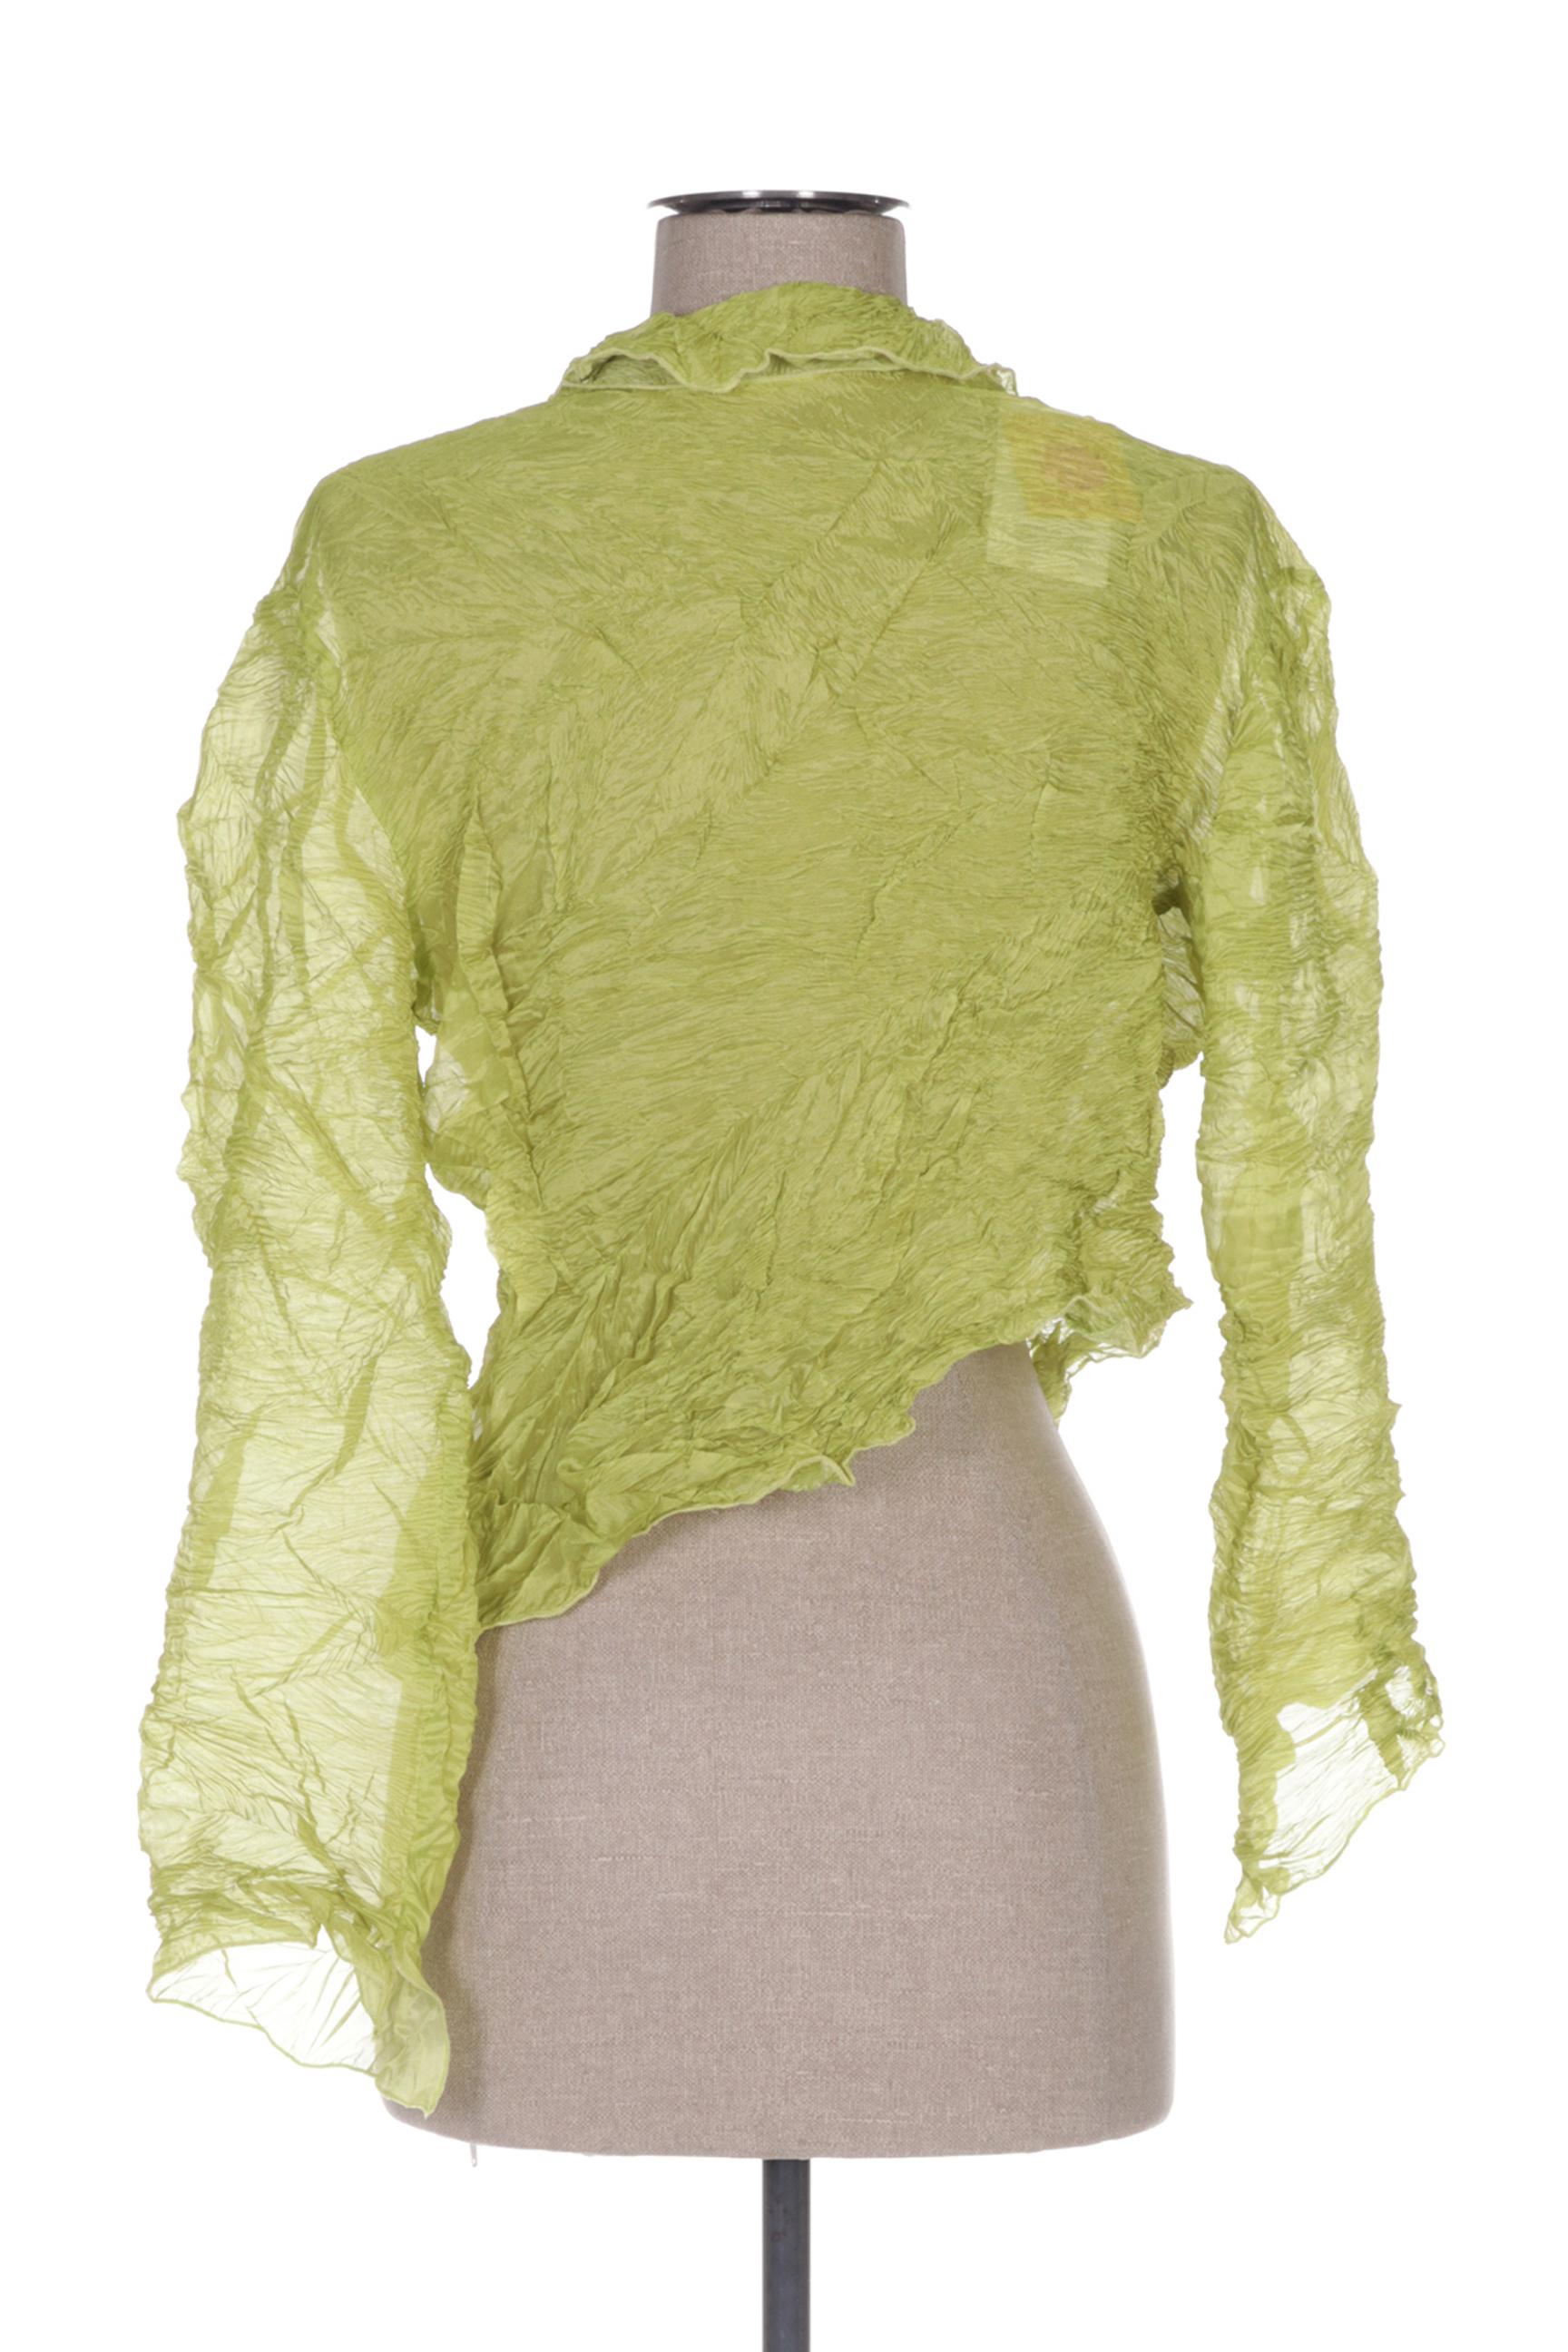 Ganteb S Boleros Femme De Couleur Vert En Soldes Pas Cher 1419474-vert00